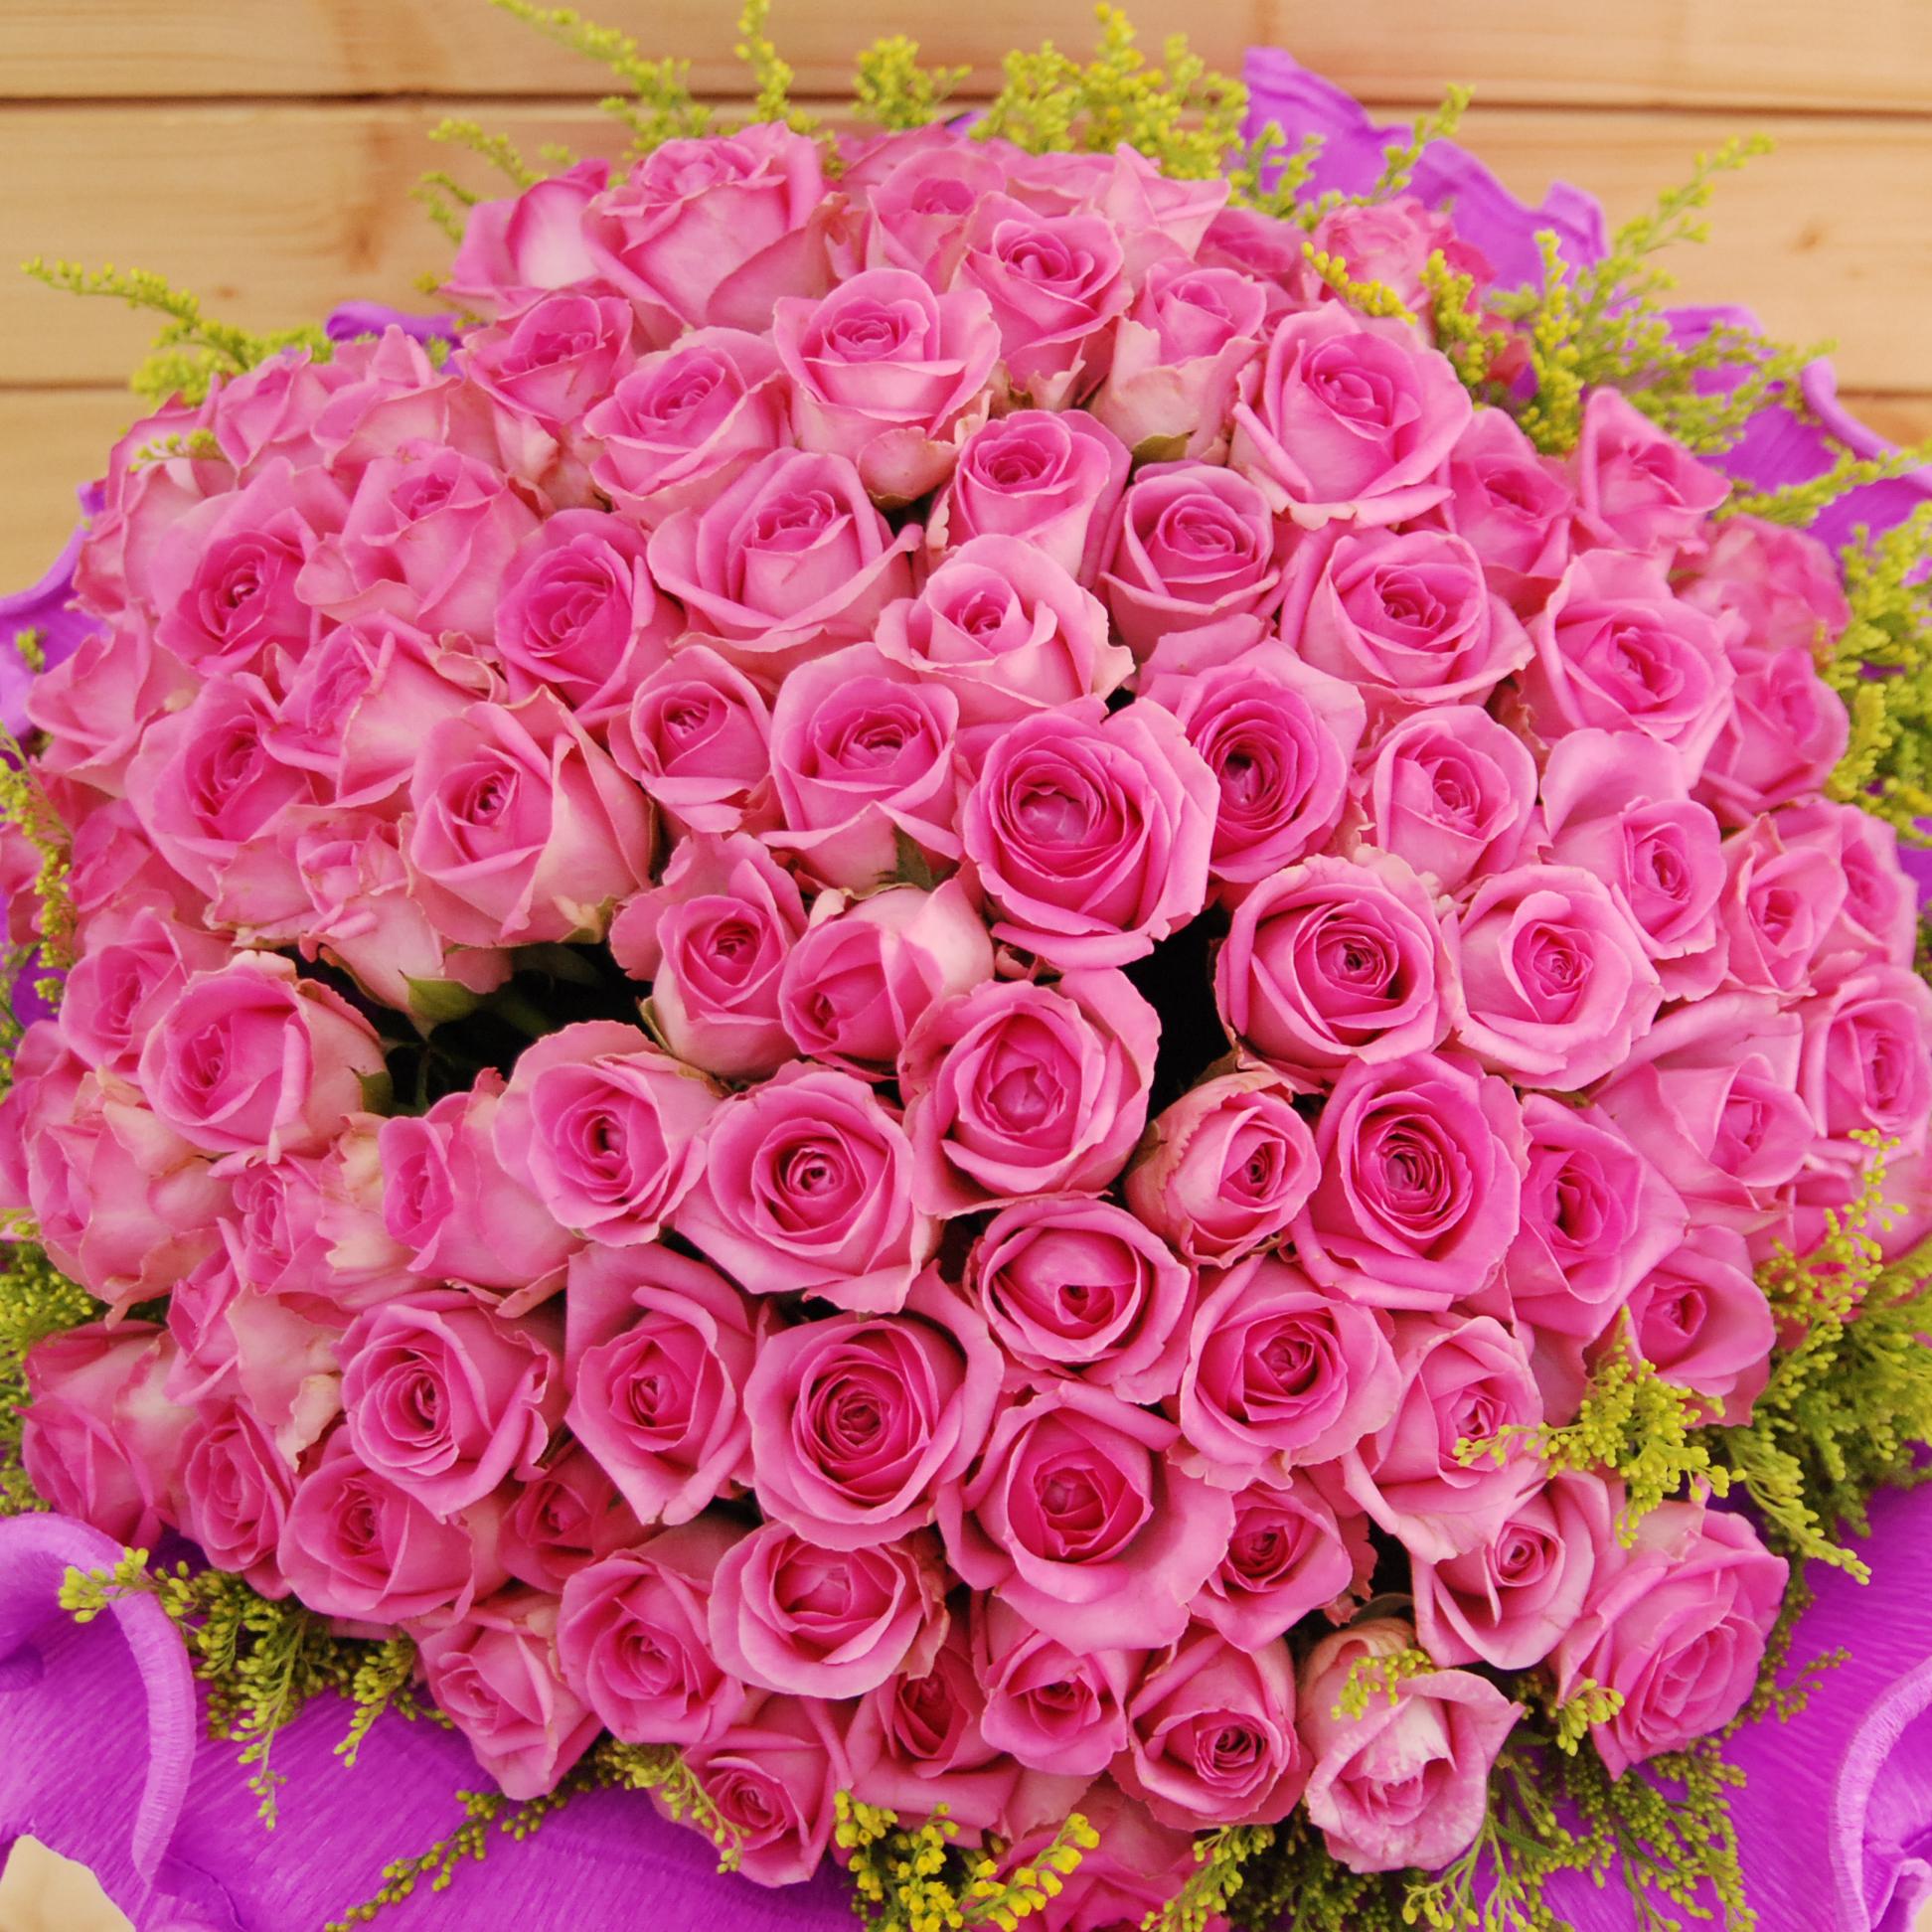 【巧繪網FR081411B 】情人最愛 99朵 紫玫瑰花束 情人節花束 七夕禮物